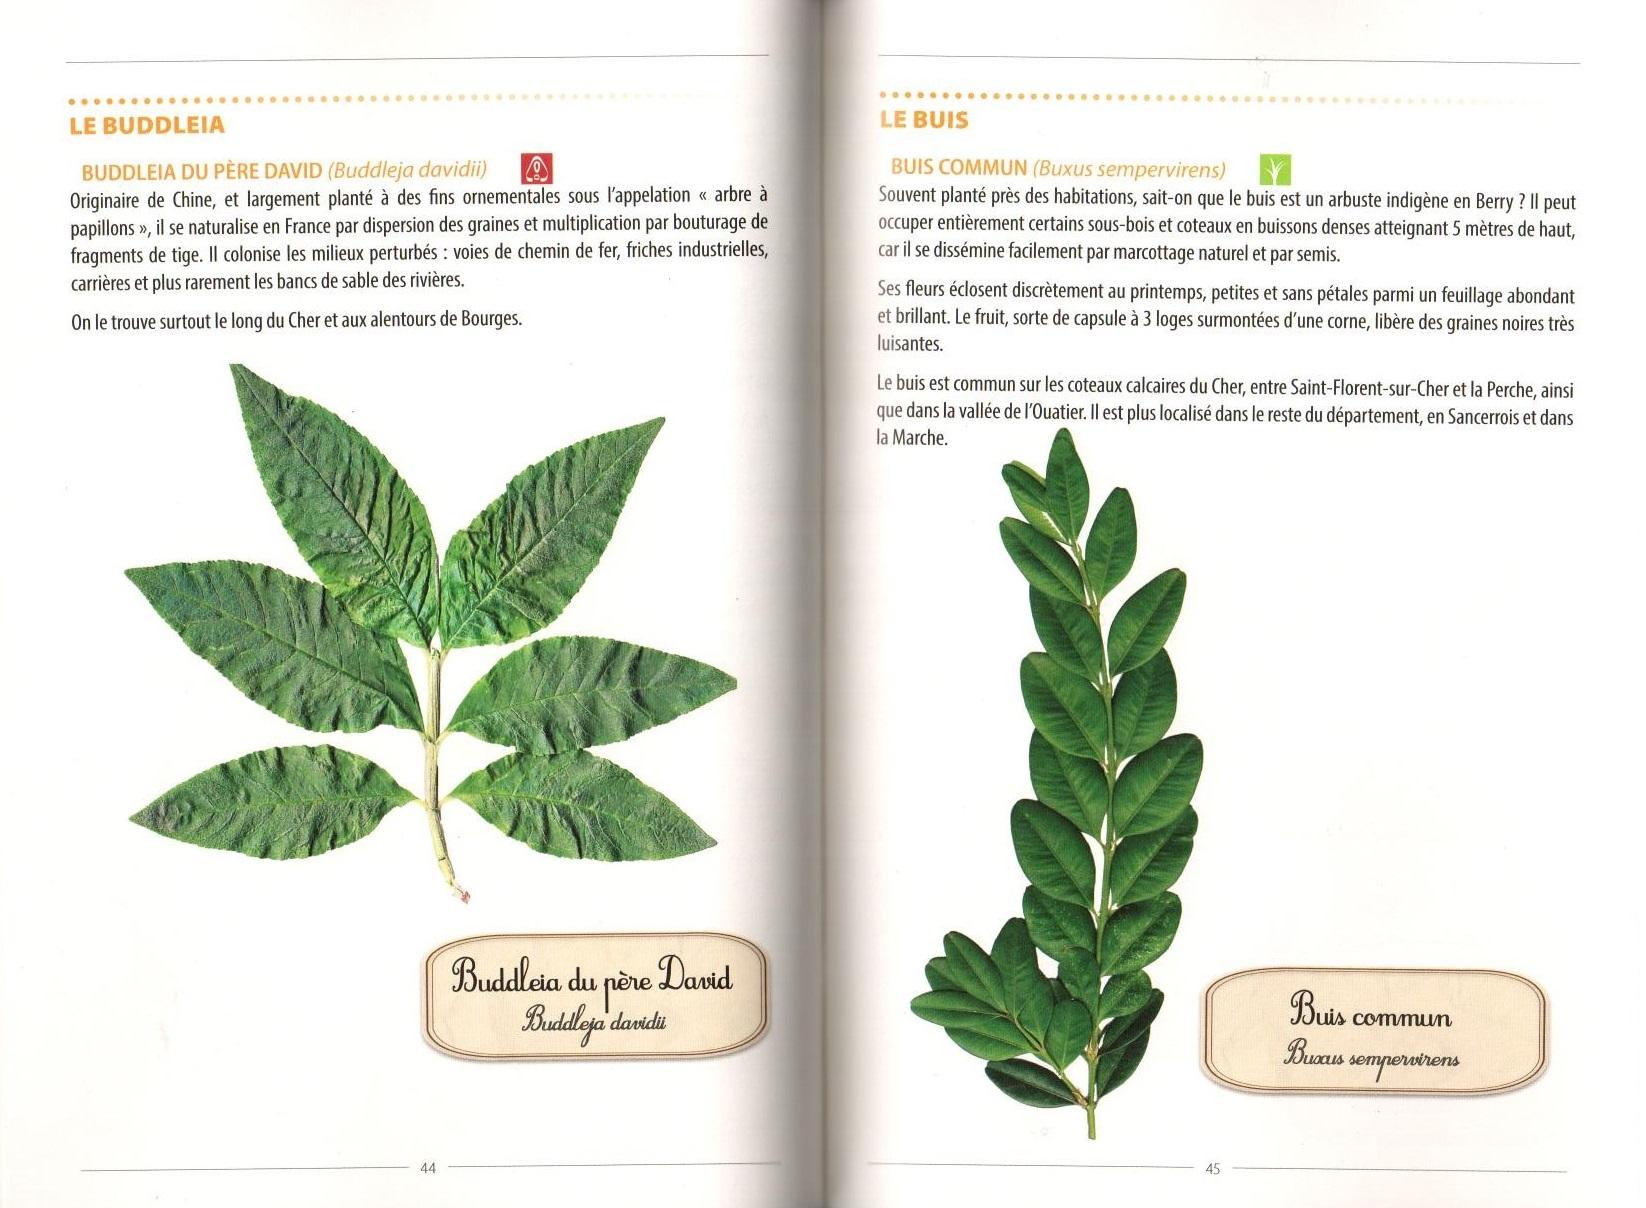 Exemple de pages intérieures. Cliquez pour agrandir.